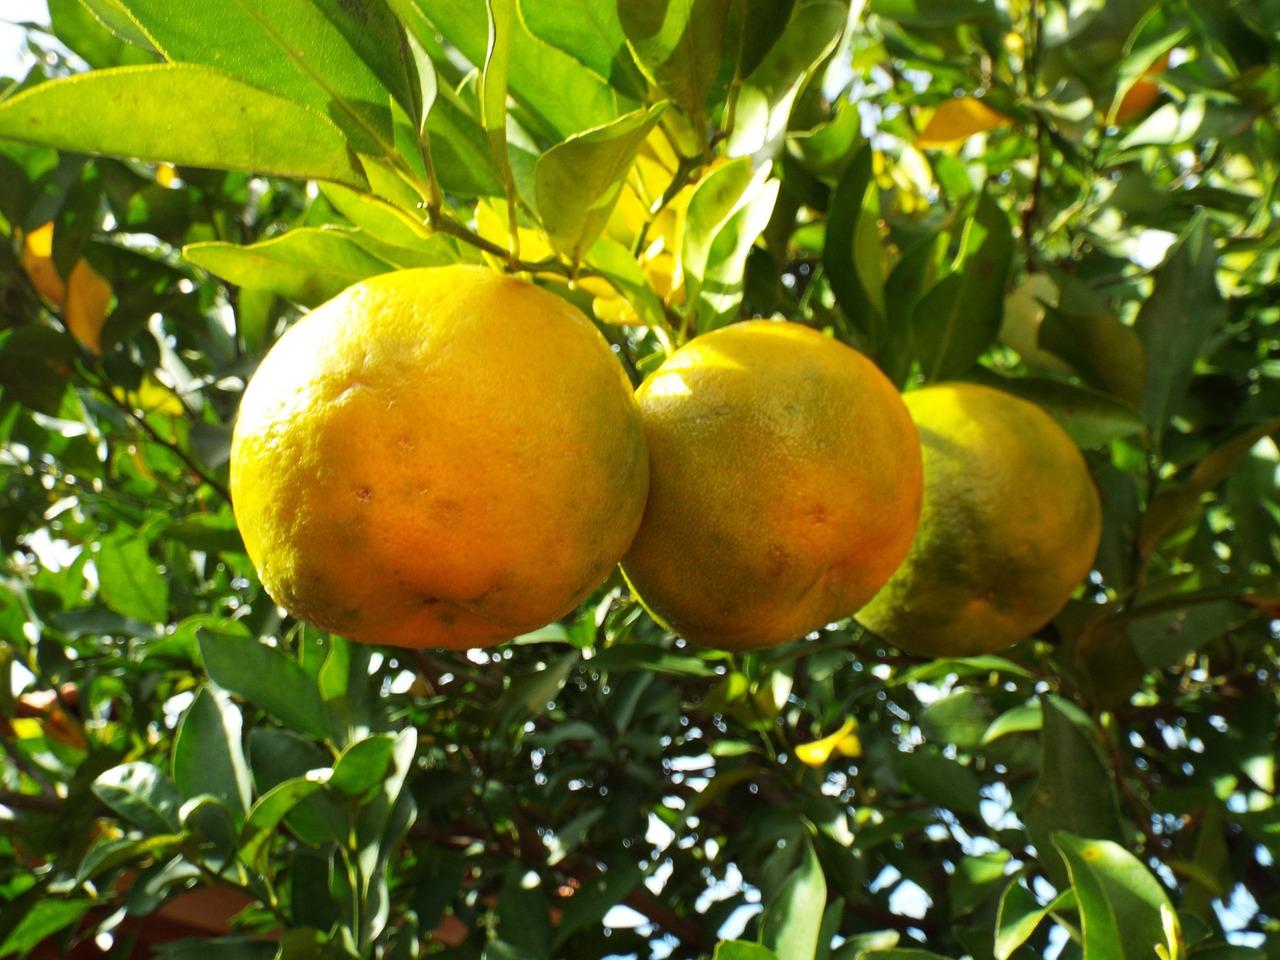 Το περγαμόντο είναι ο καρπός του δέντρου Περγαμοντιά (Citrus bergamia) ή αλλιώς Κίτρον το περγάμιον